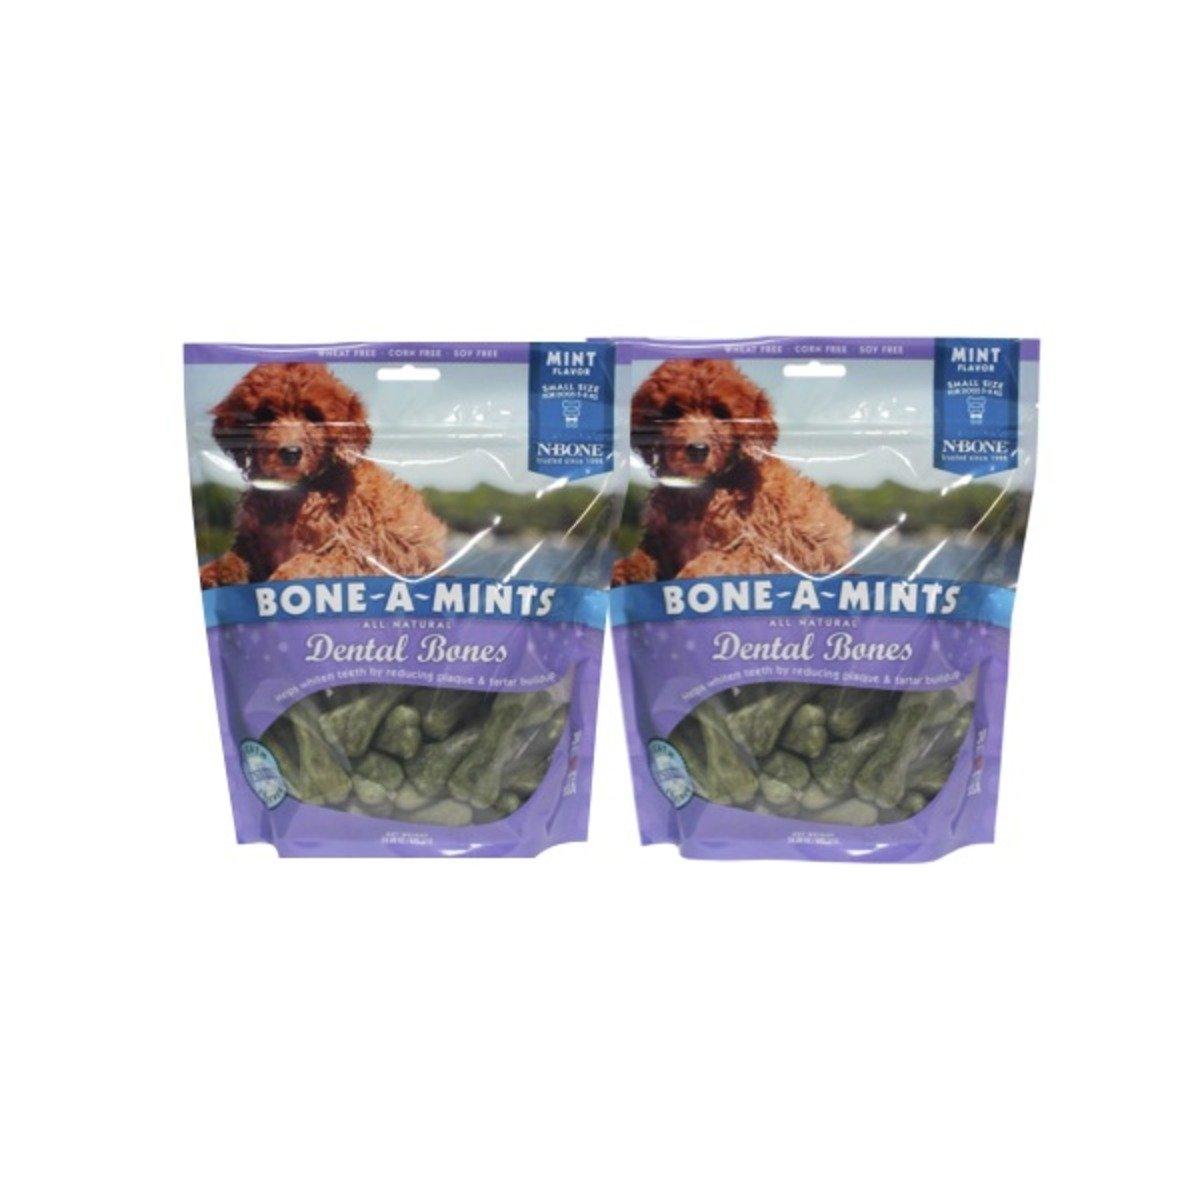 美國 BONE-A-MINTS 薄荷味潔齒骨家庭裝2包(細)24.3oz/包